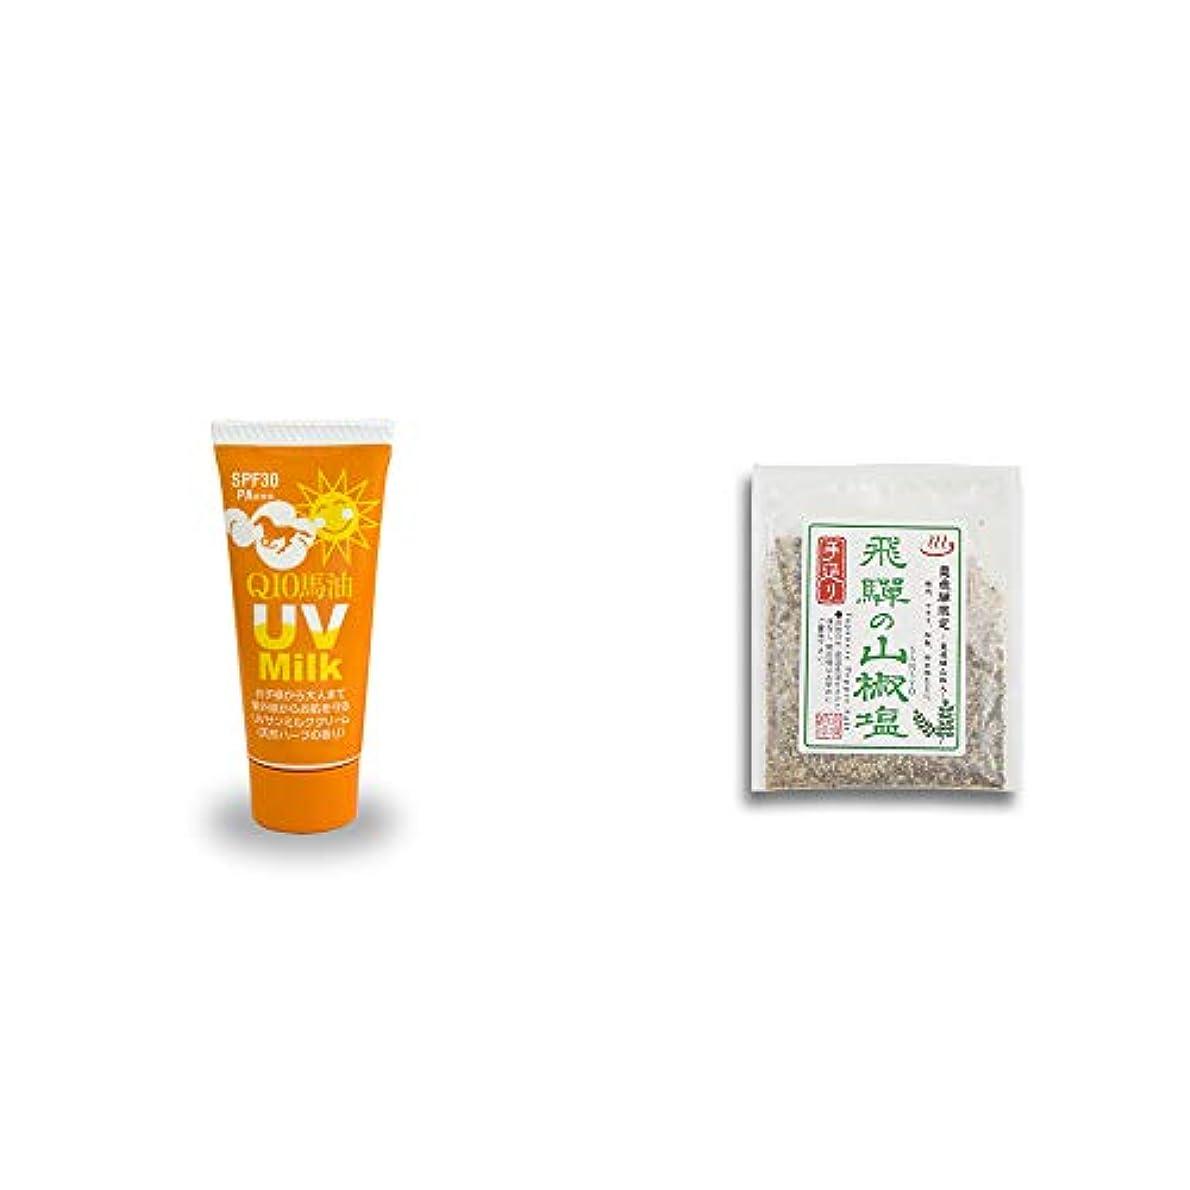 [2点セット] 炭黒泉 Q10馬油 UVサンミルク[天然ハーブ](40g)?手造り 飛騨の山椒塩(40g)